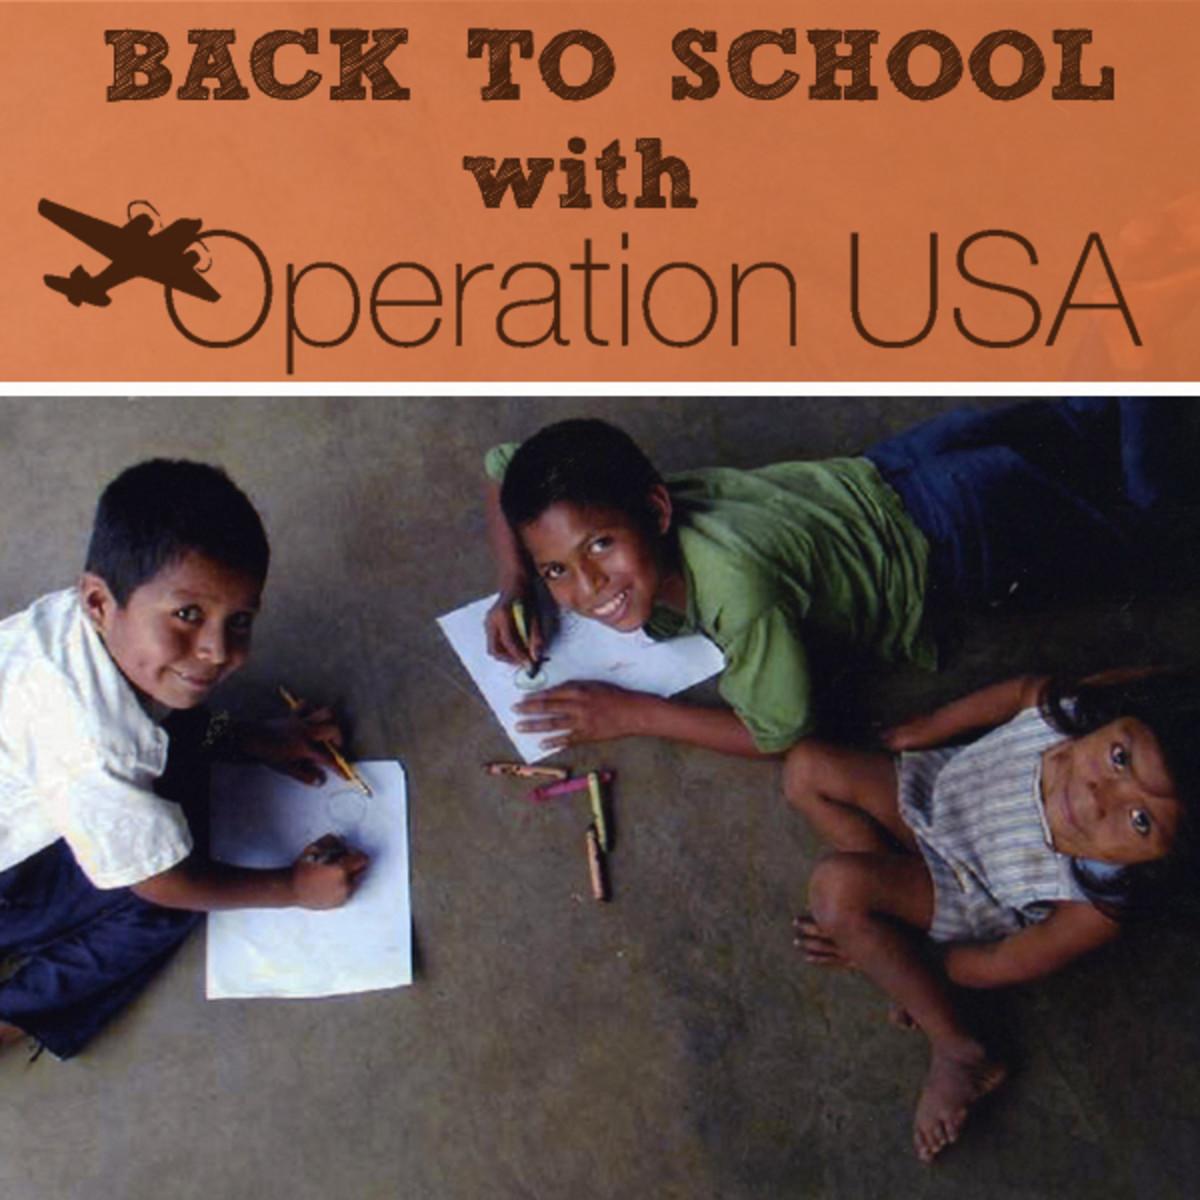 Operation USA